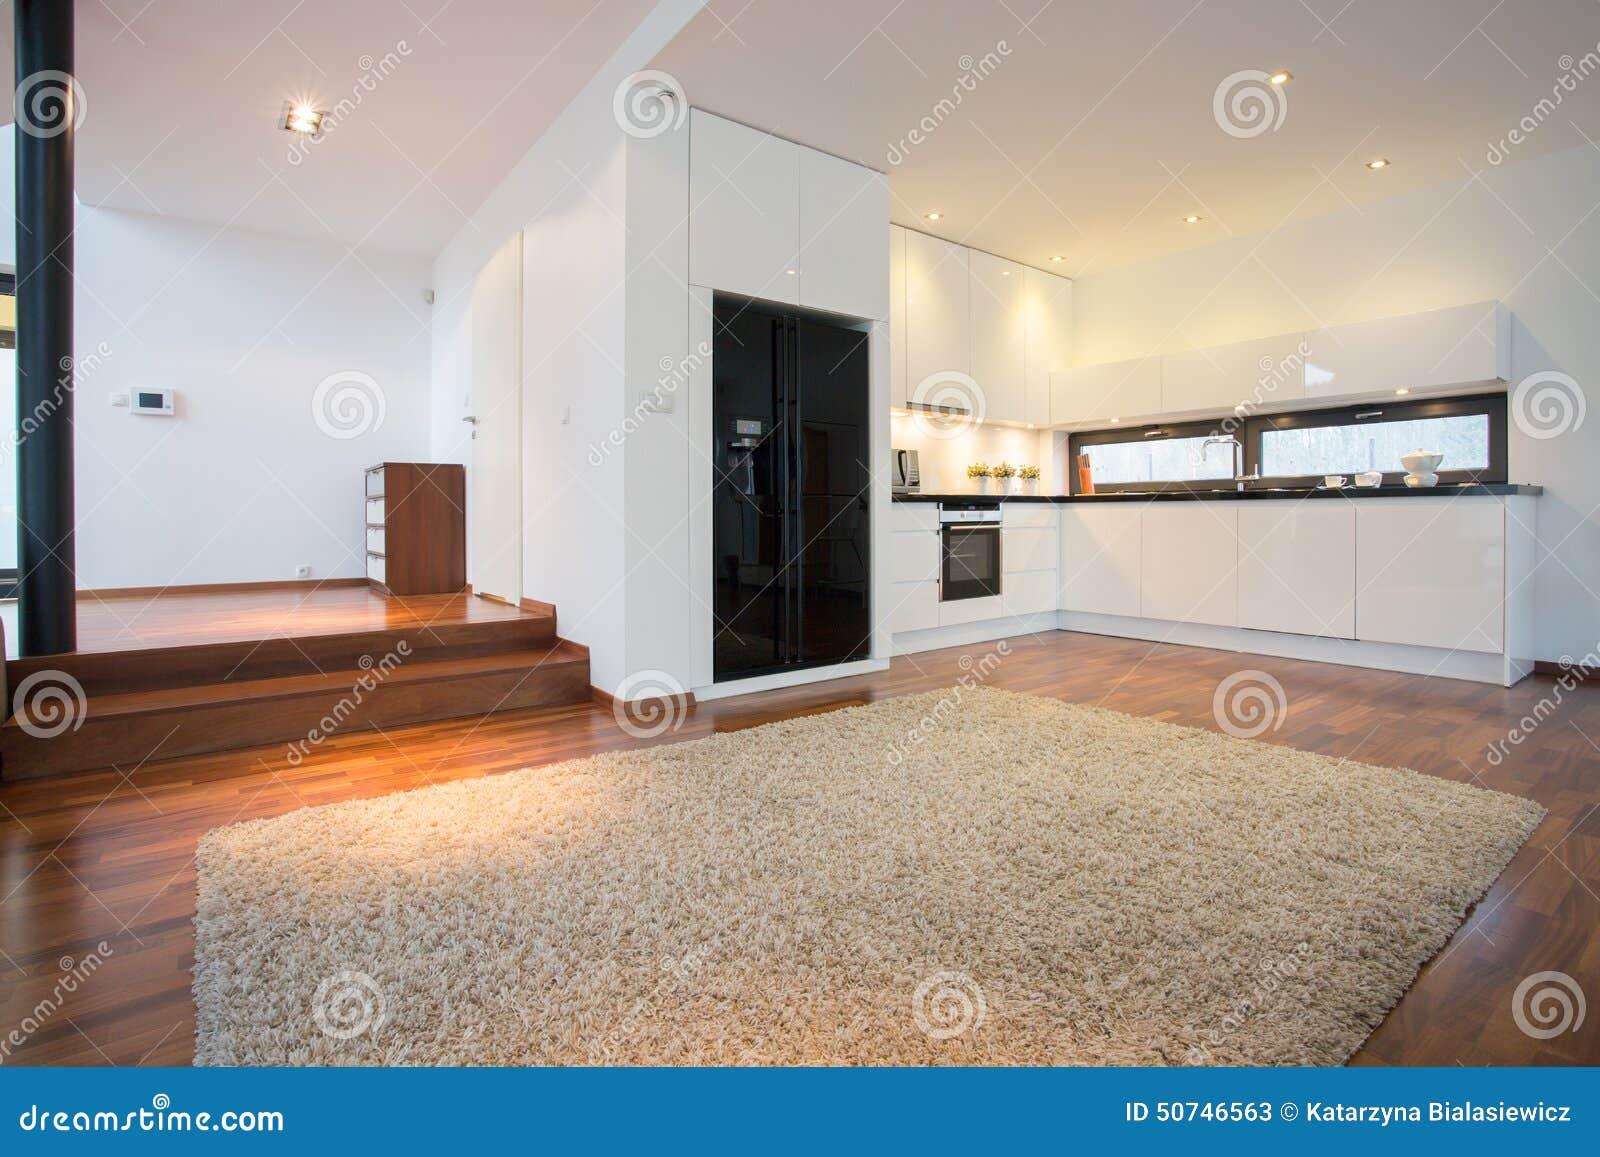 Rymlig vardagsrum med öppet kök arkivfoto   bild: 50746563